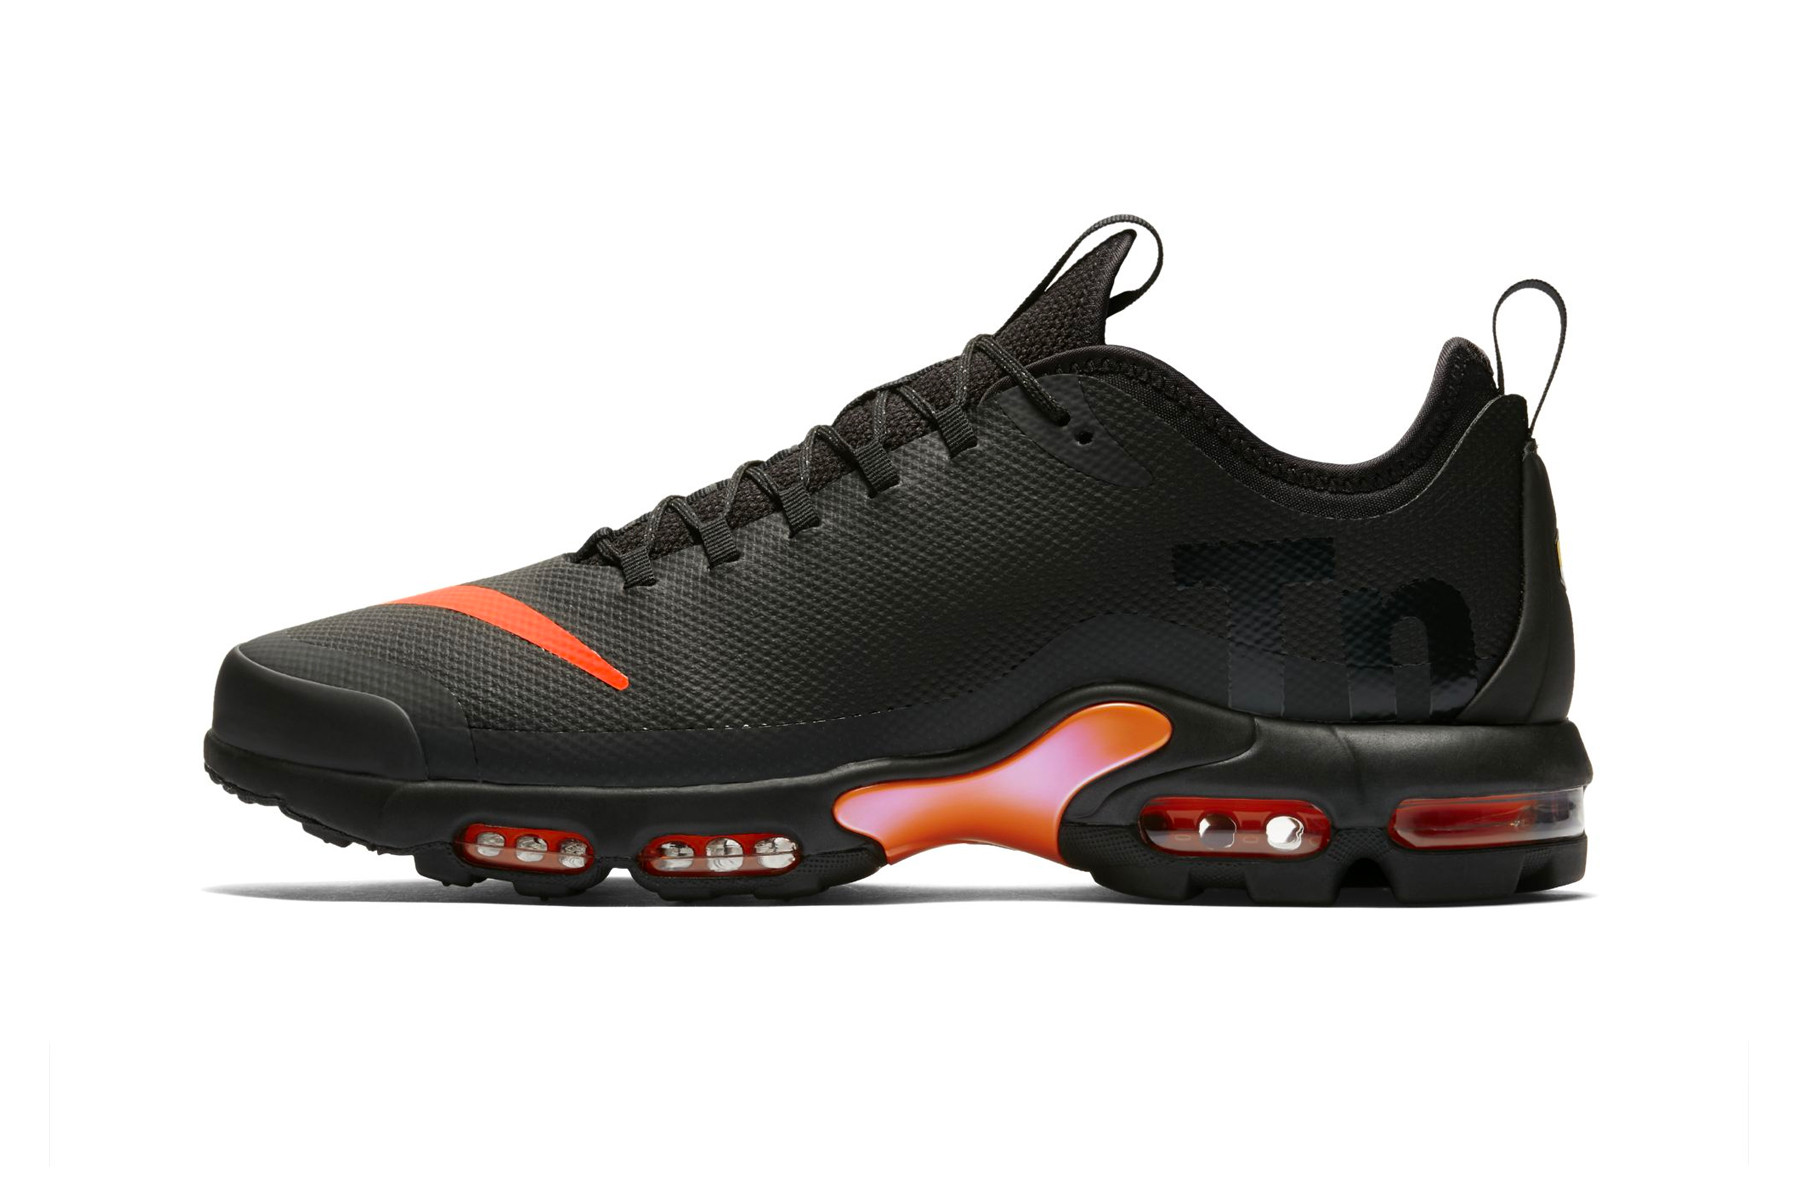 nike air max plus orange and black